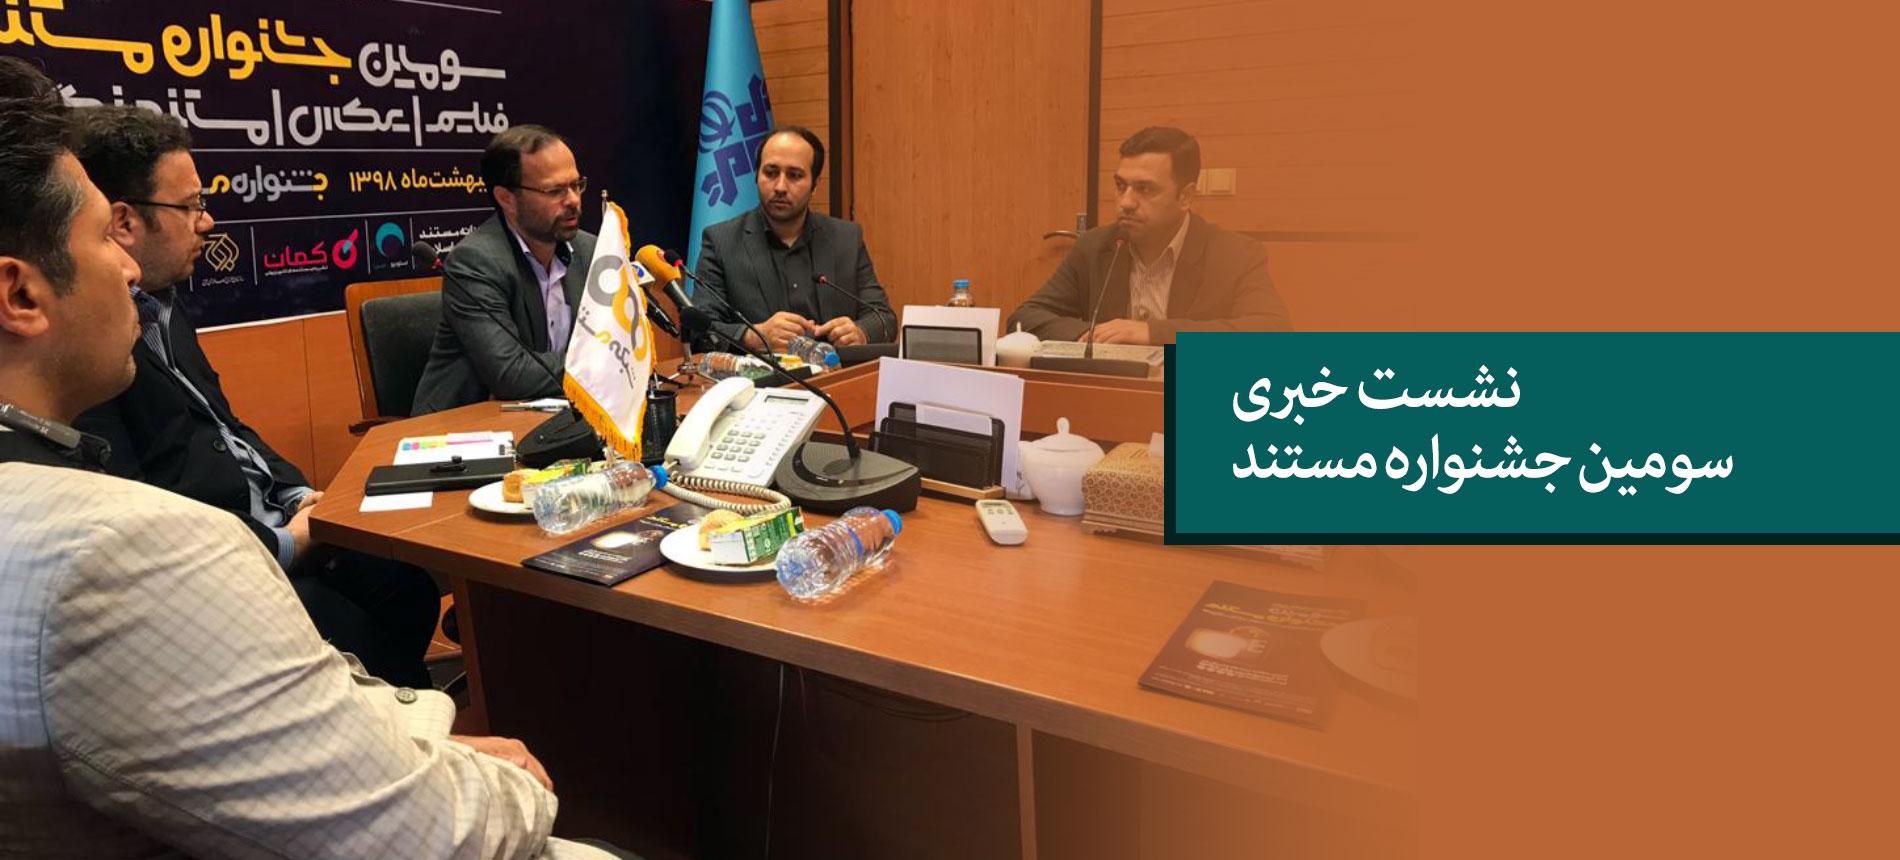 جزئیات سومین جشنواره تلویزیونی مستند در نشست خبری تشریح شد